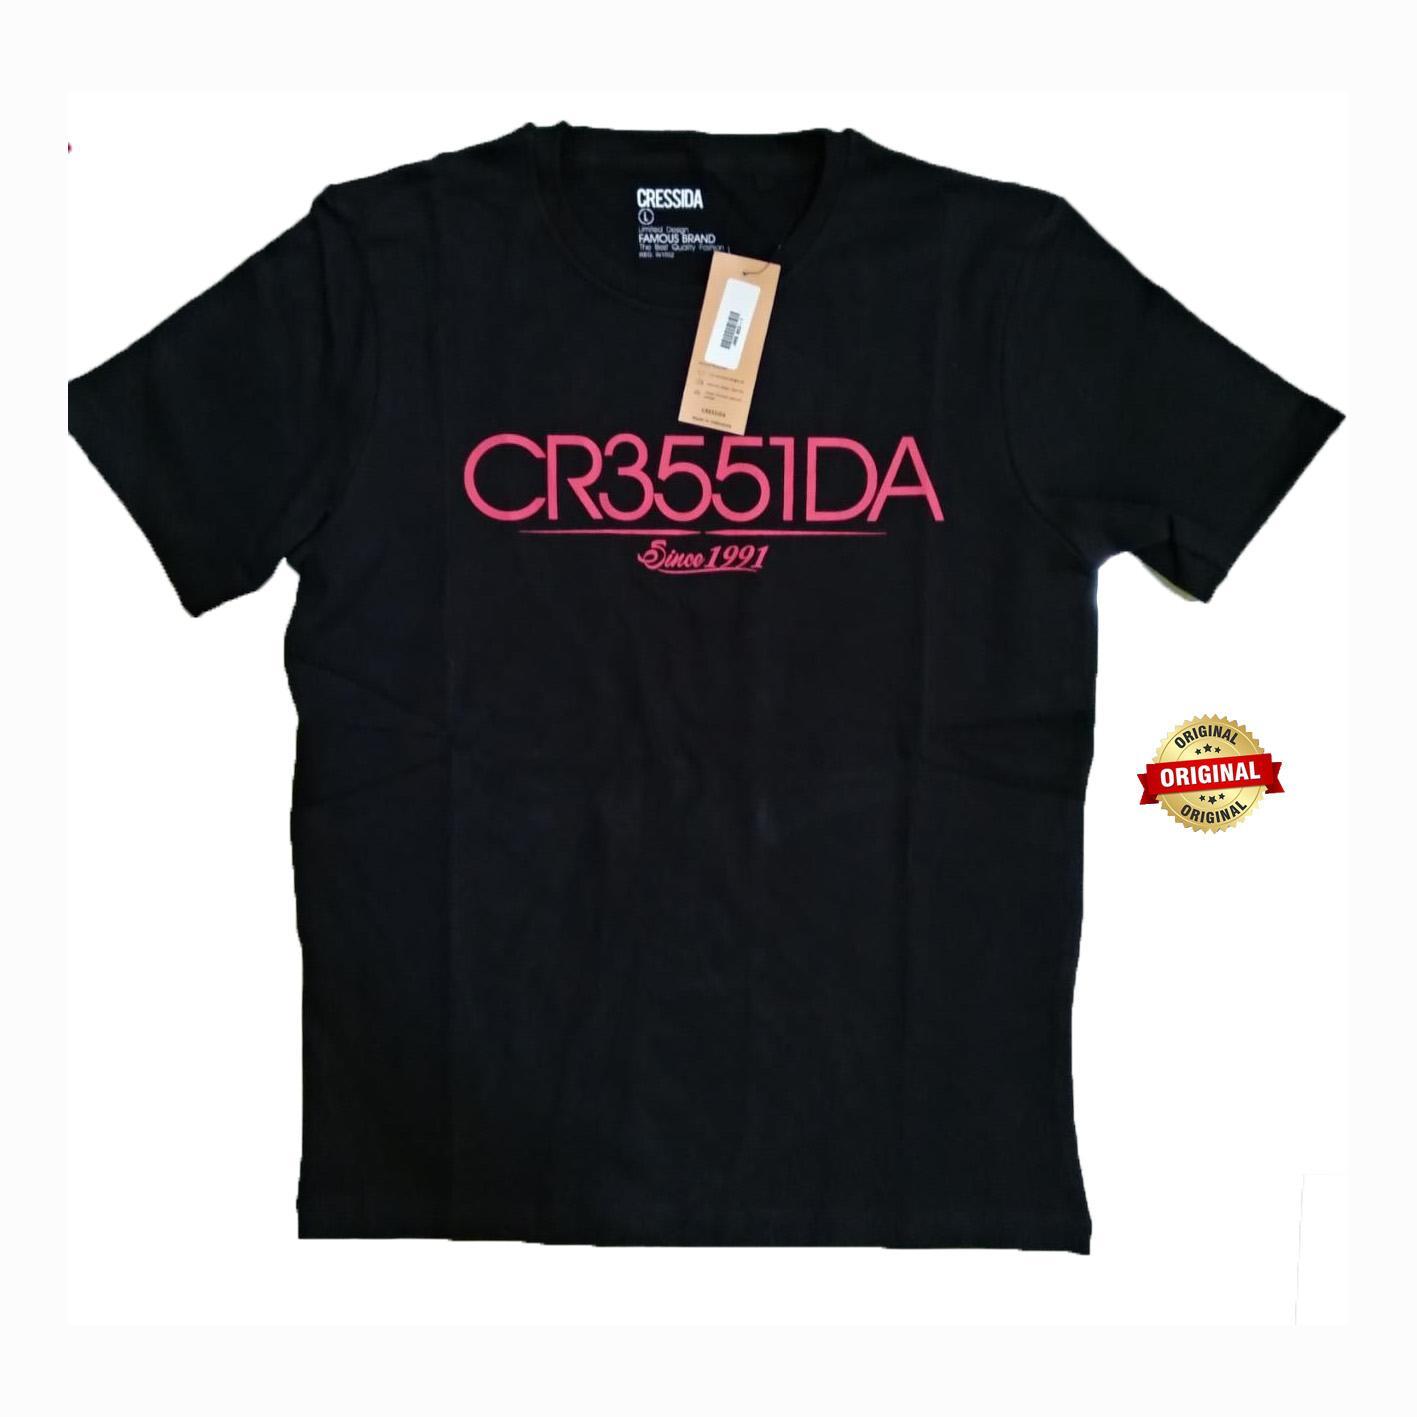 Kaos Oblong Pria Murah Bagus Tebal - Merk Cressida Original - Toko Sumber Rejeki Jeans